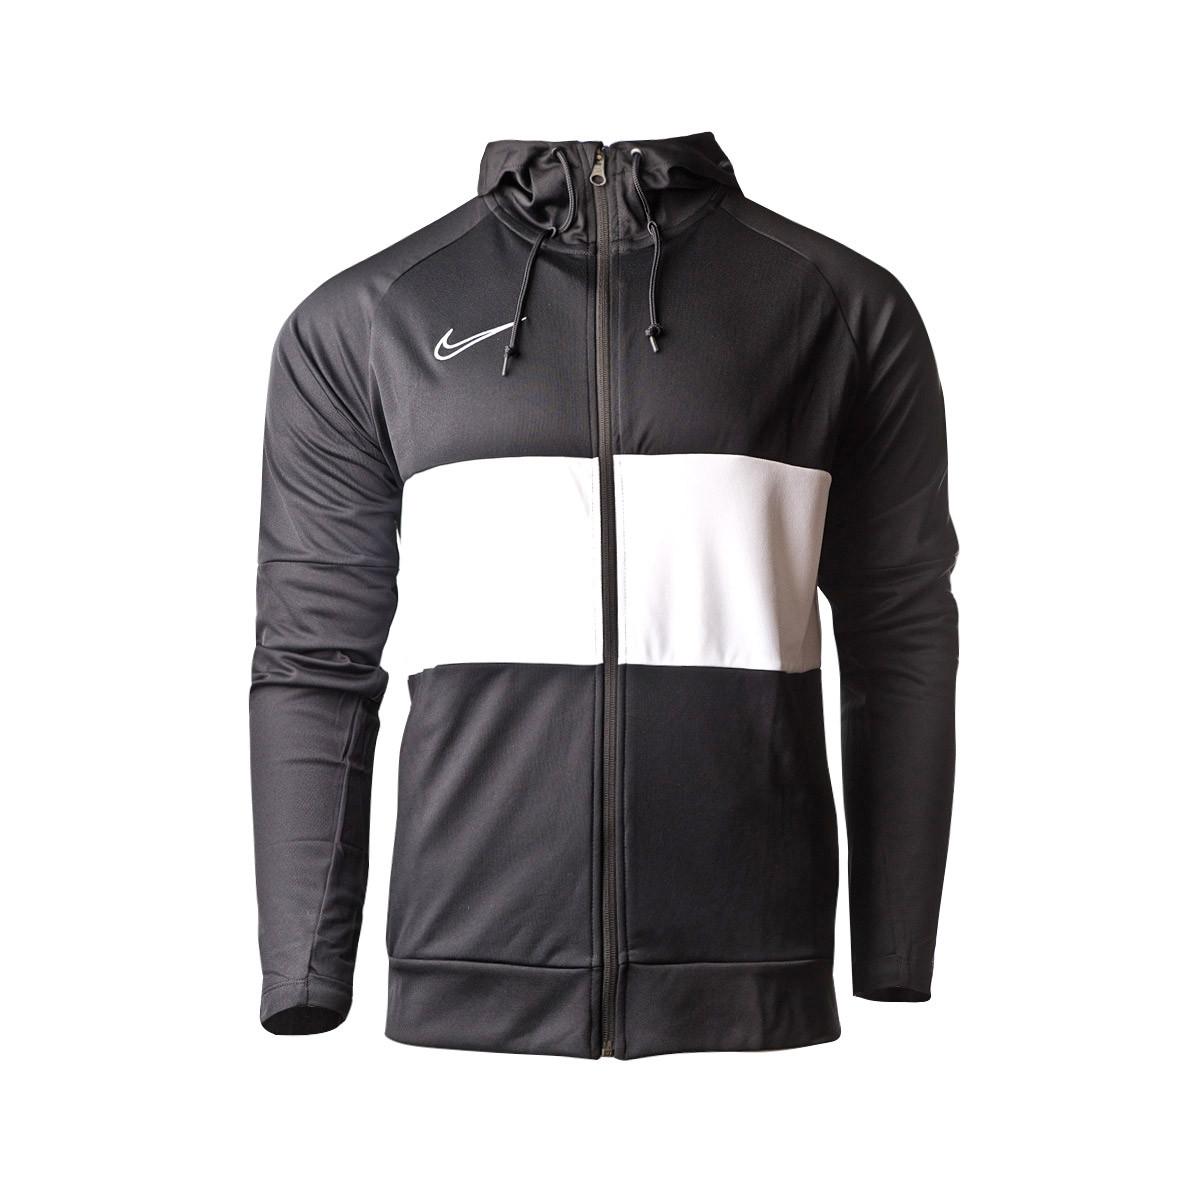 Volverse loco Ocultación prosa  Chaqueta Nike Dry Academy Hoodie I96 Black-White - Tienda de fútbol Fútbol  Emotion